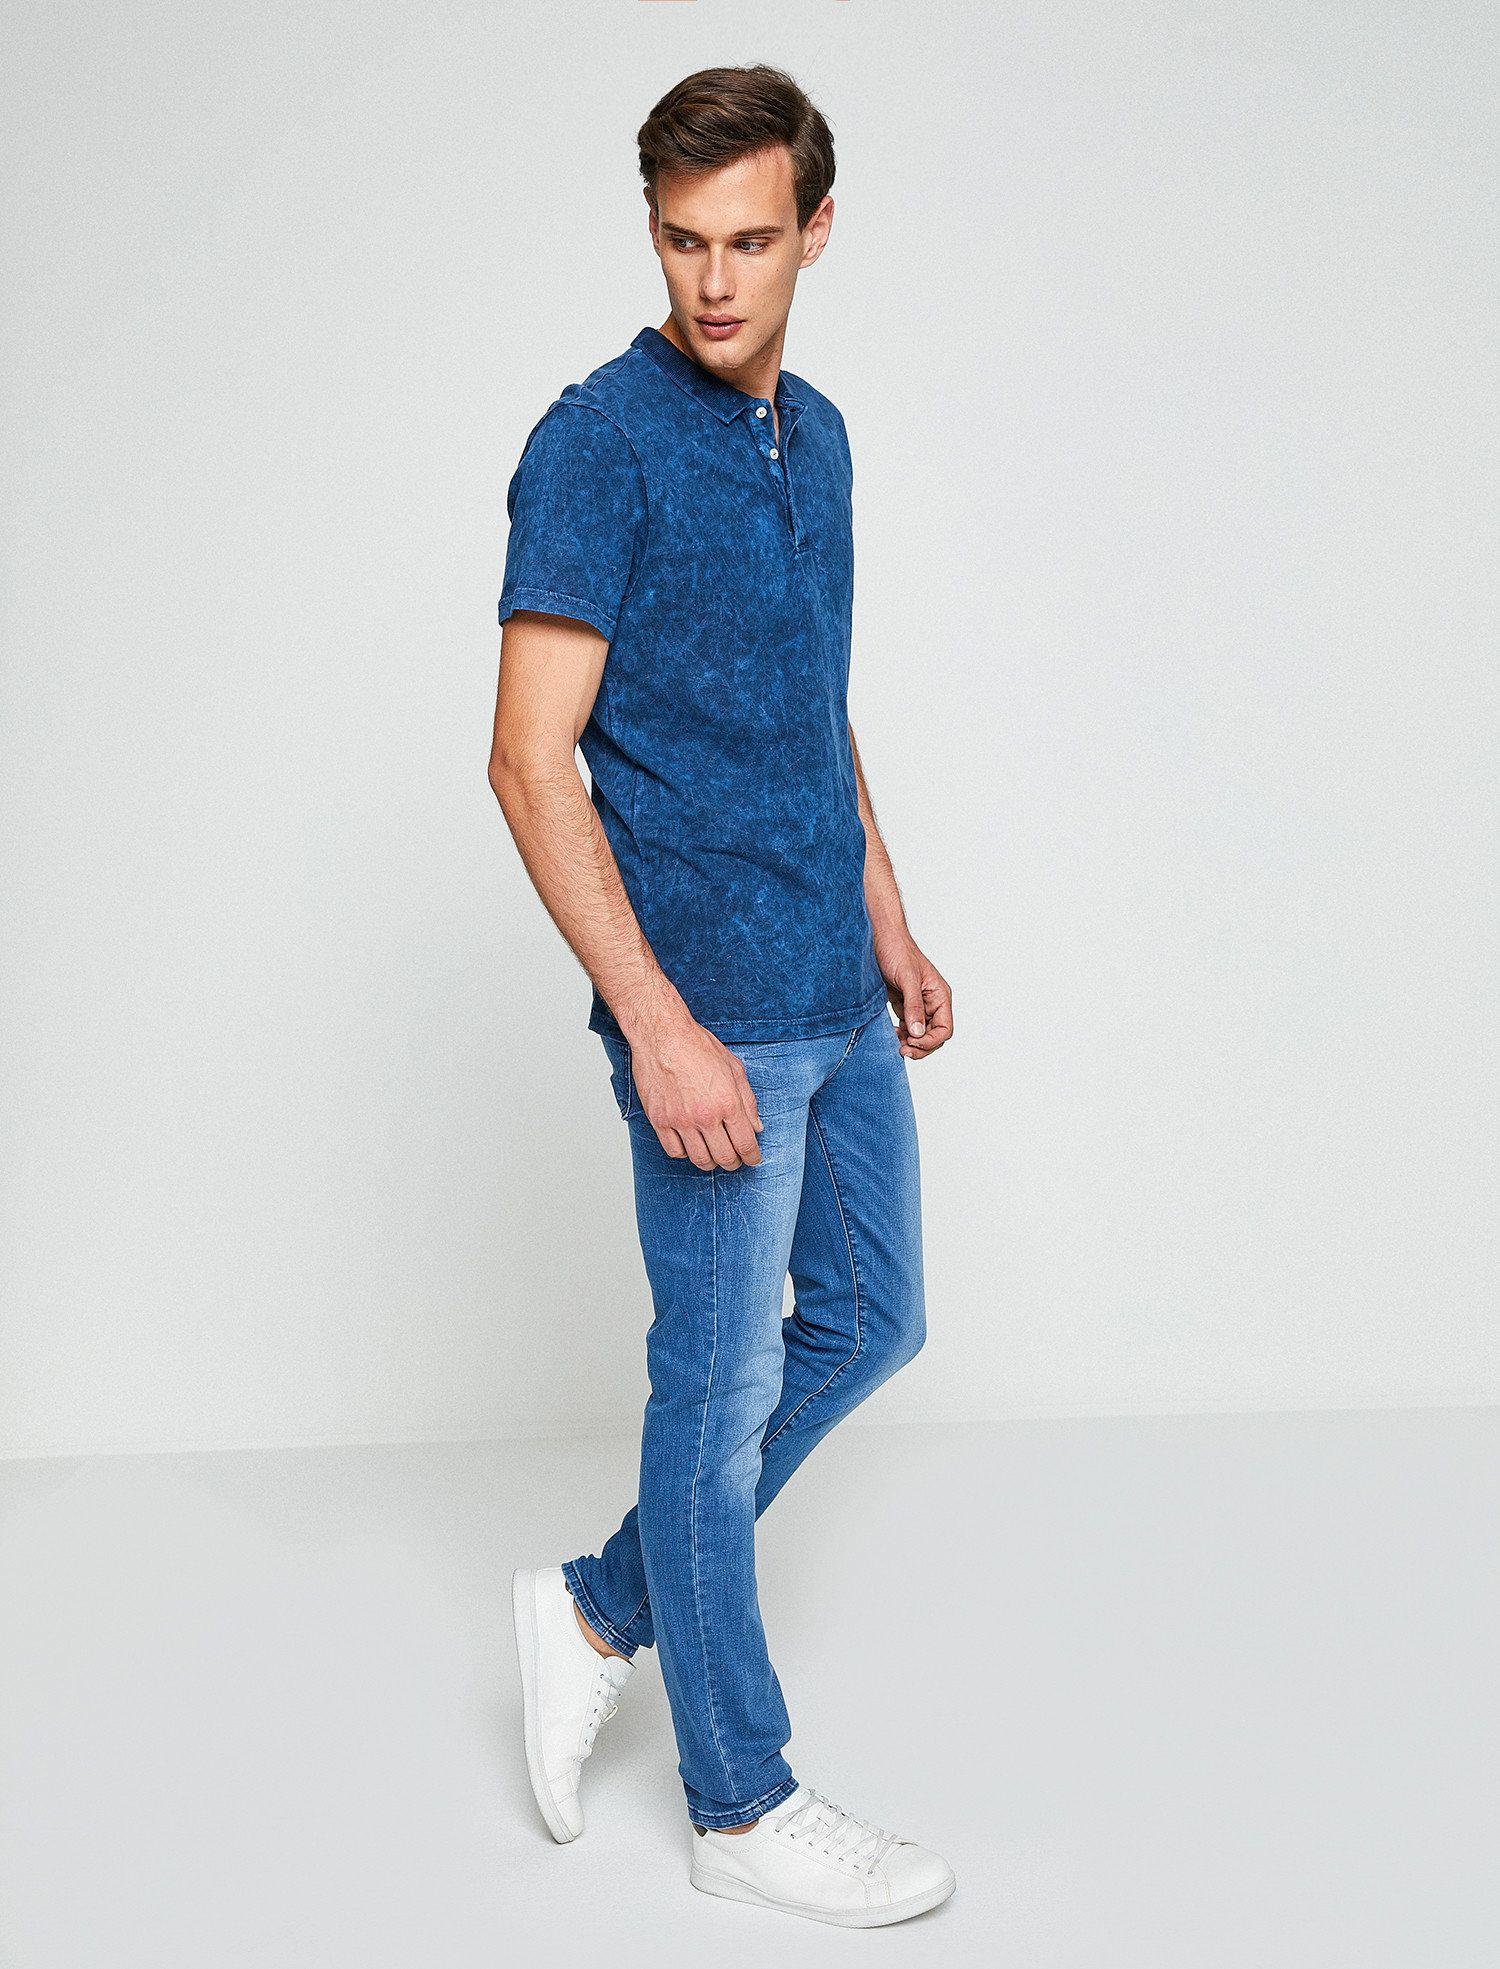 شلوار جین مردانه کوتون fashion normcore style